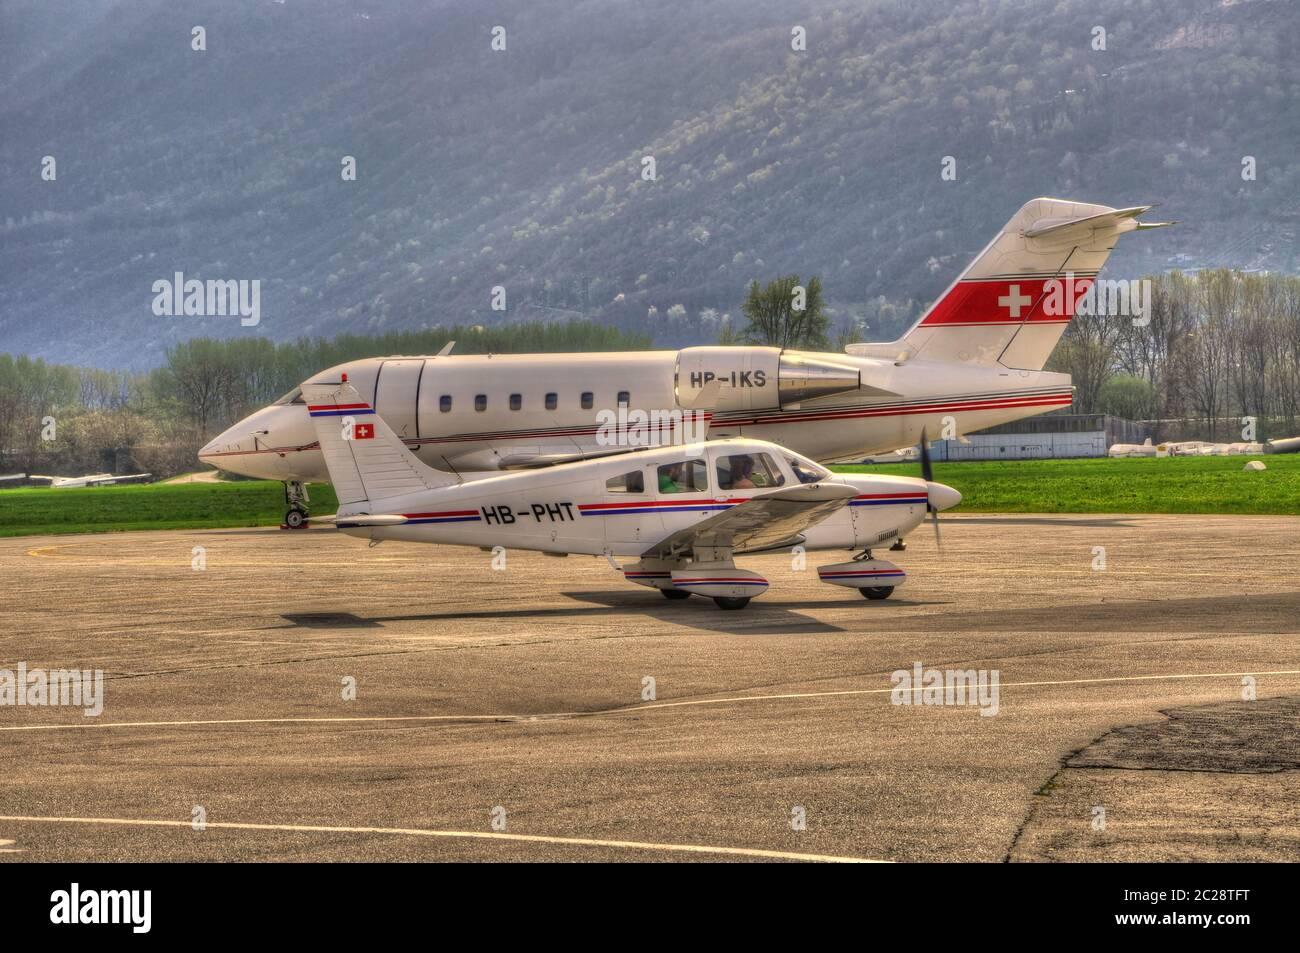 Dos aviones en el aeropuerto de Locarno en Ticino, Suiza Foto de stock